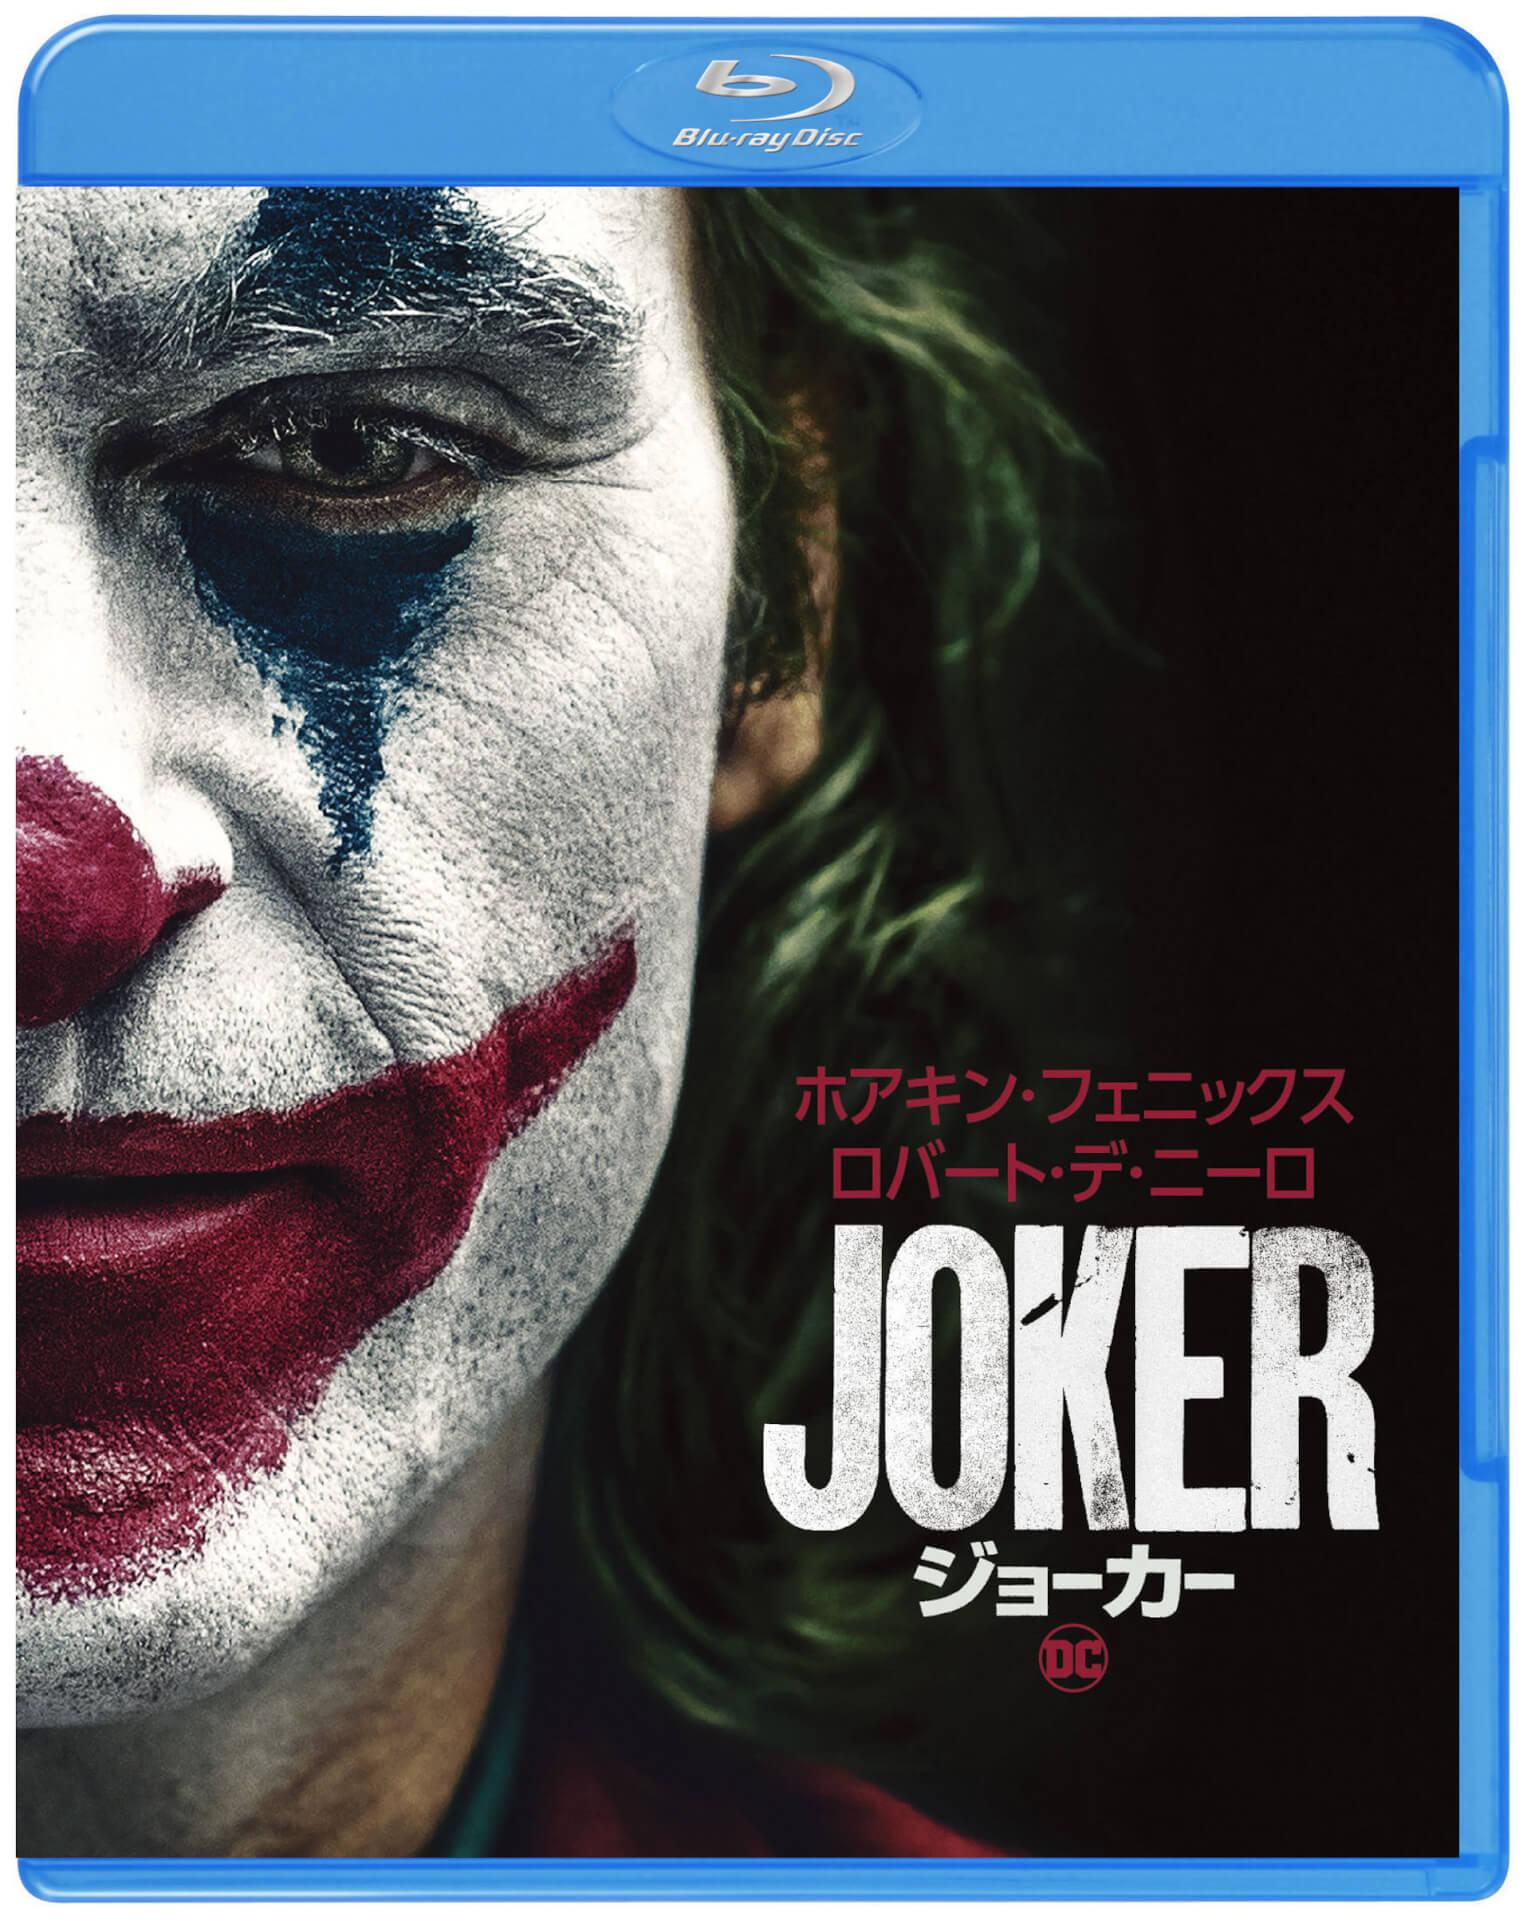 『ジョーカー』がアカデミー賞に驚異の11部門ノミネート!IMAX®︎、ドルビーシネマでの再上映が決定 film200114_joker_4